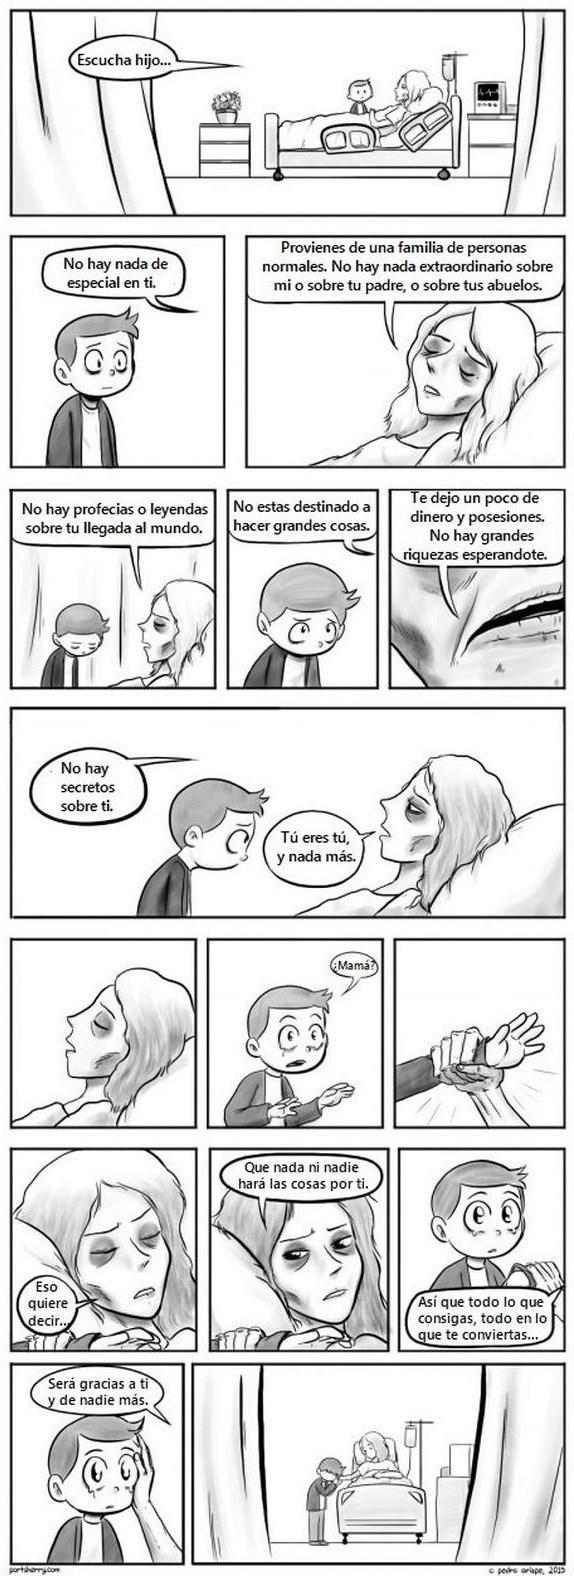 consejo de madre en su lecho de muerte a su hijo